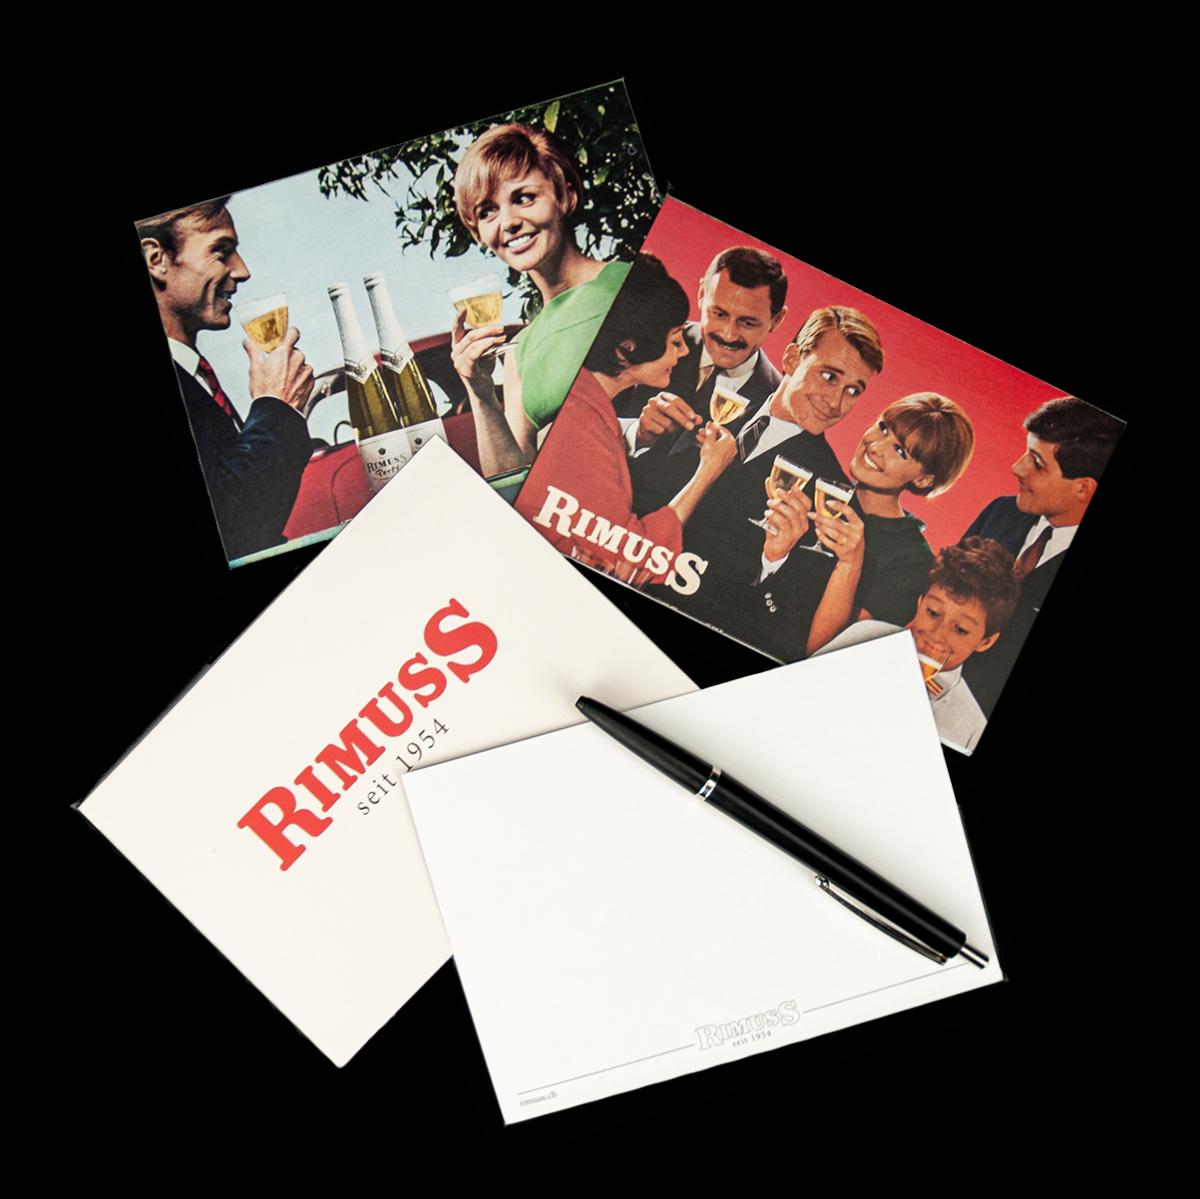 Das coole Rimuss Postkartenset mit 6 alten Werbungen und Plakaten als Motive